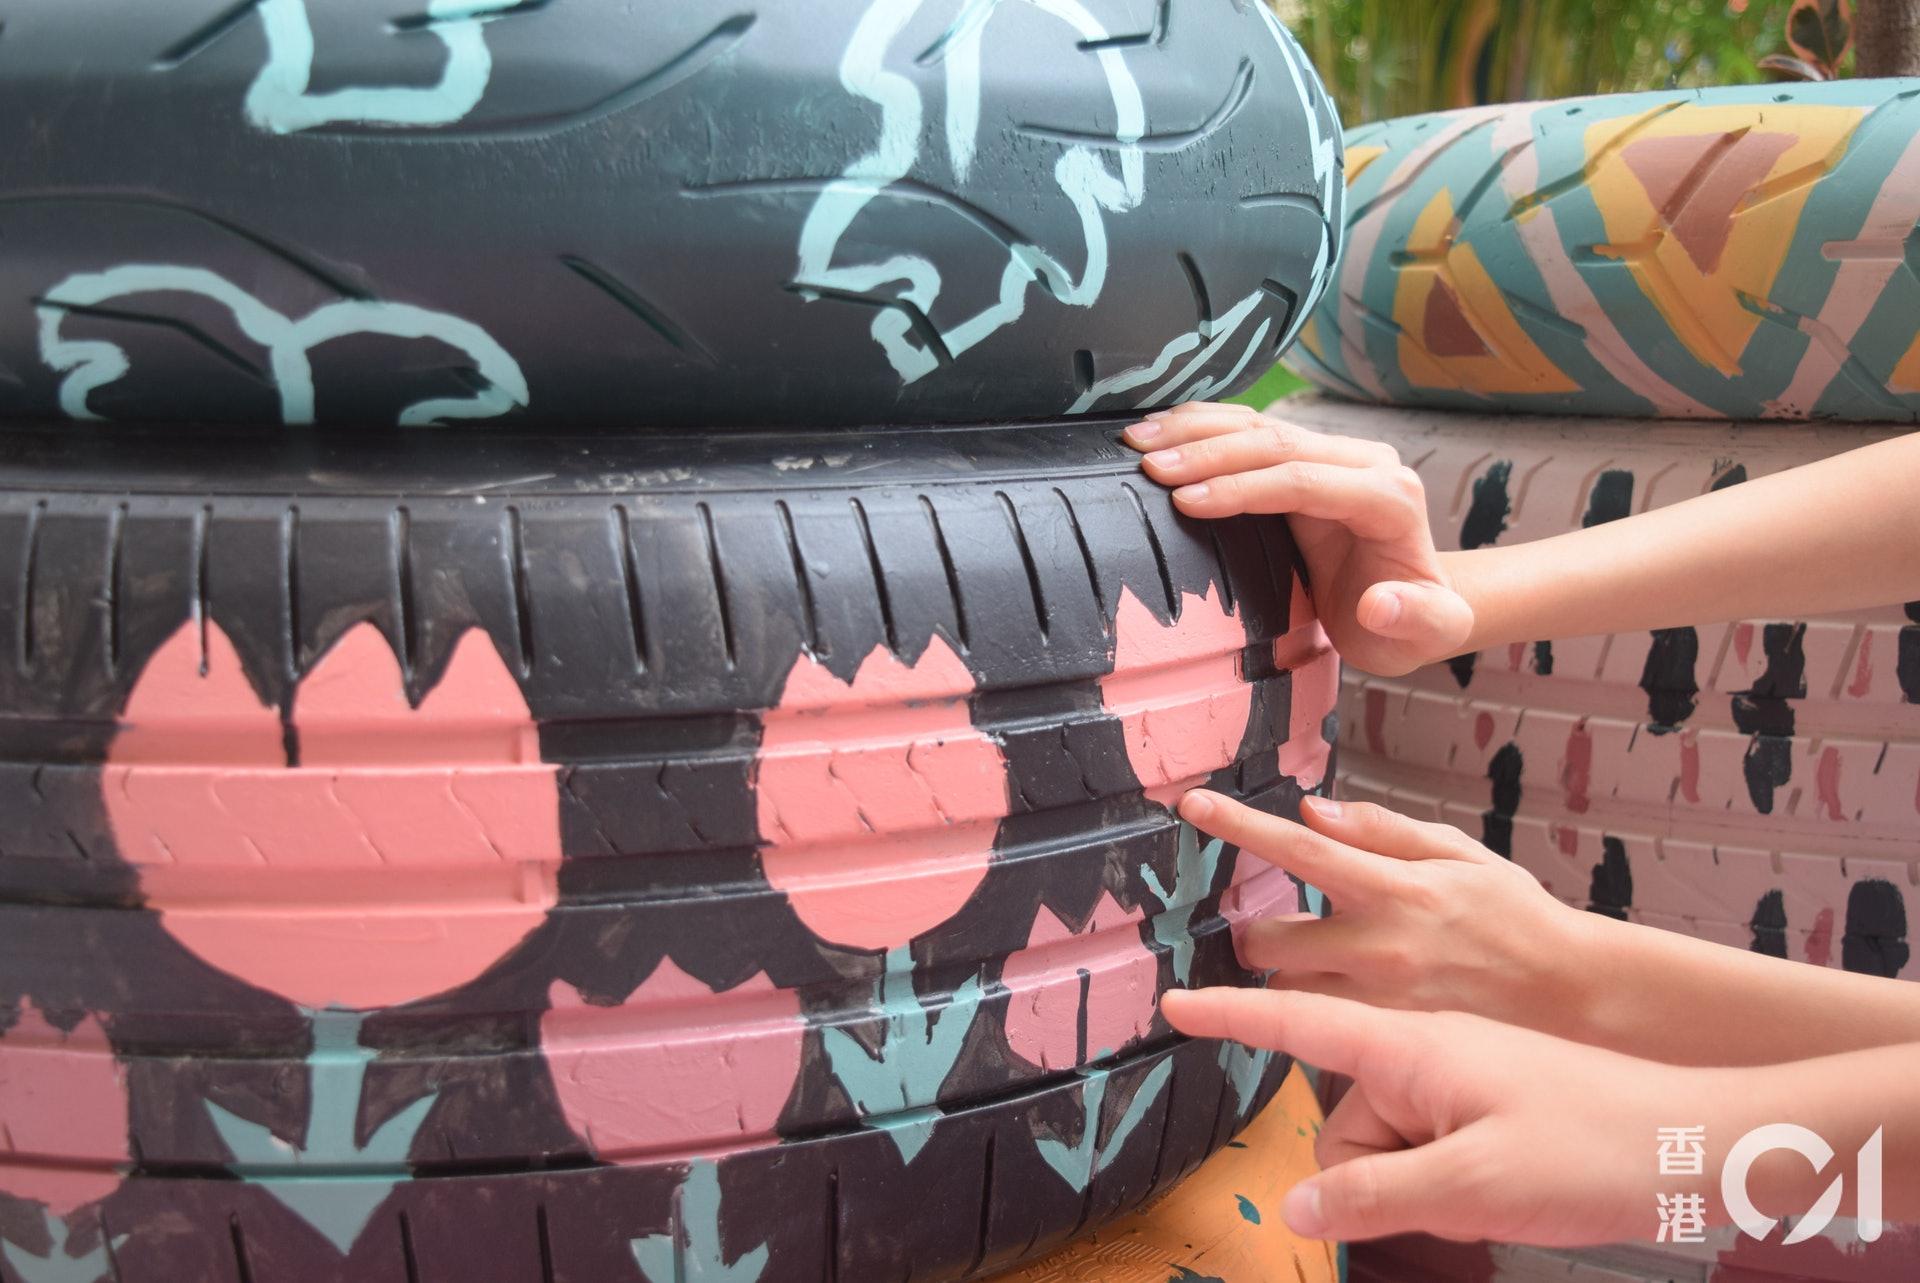 漢師德萃學校六年級學生馮哲及林家慧是分組繪畫車軚的組員。